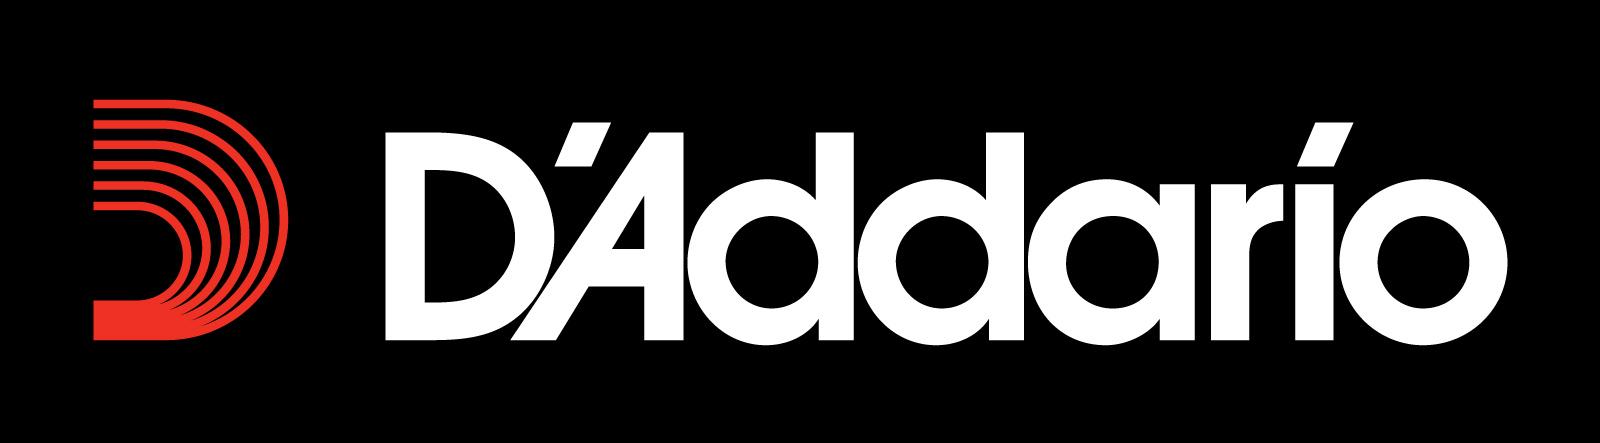 logo_daddario_4color_on_black.jpg